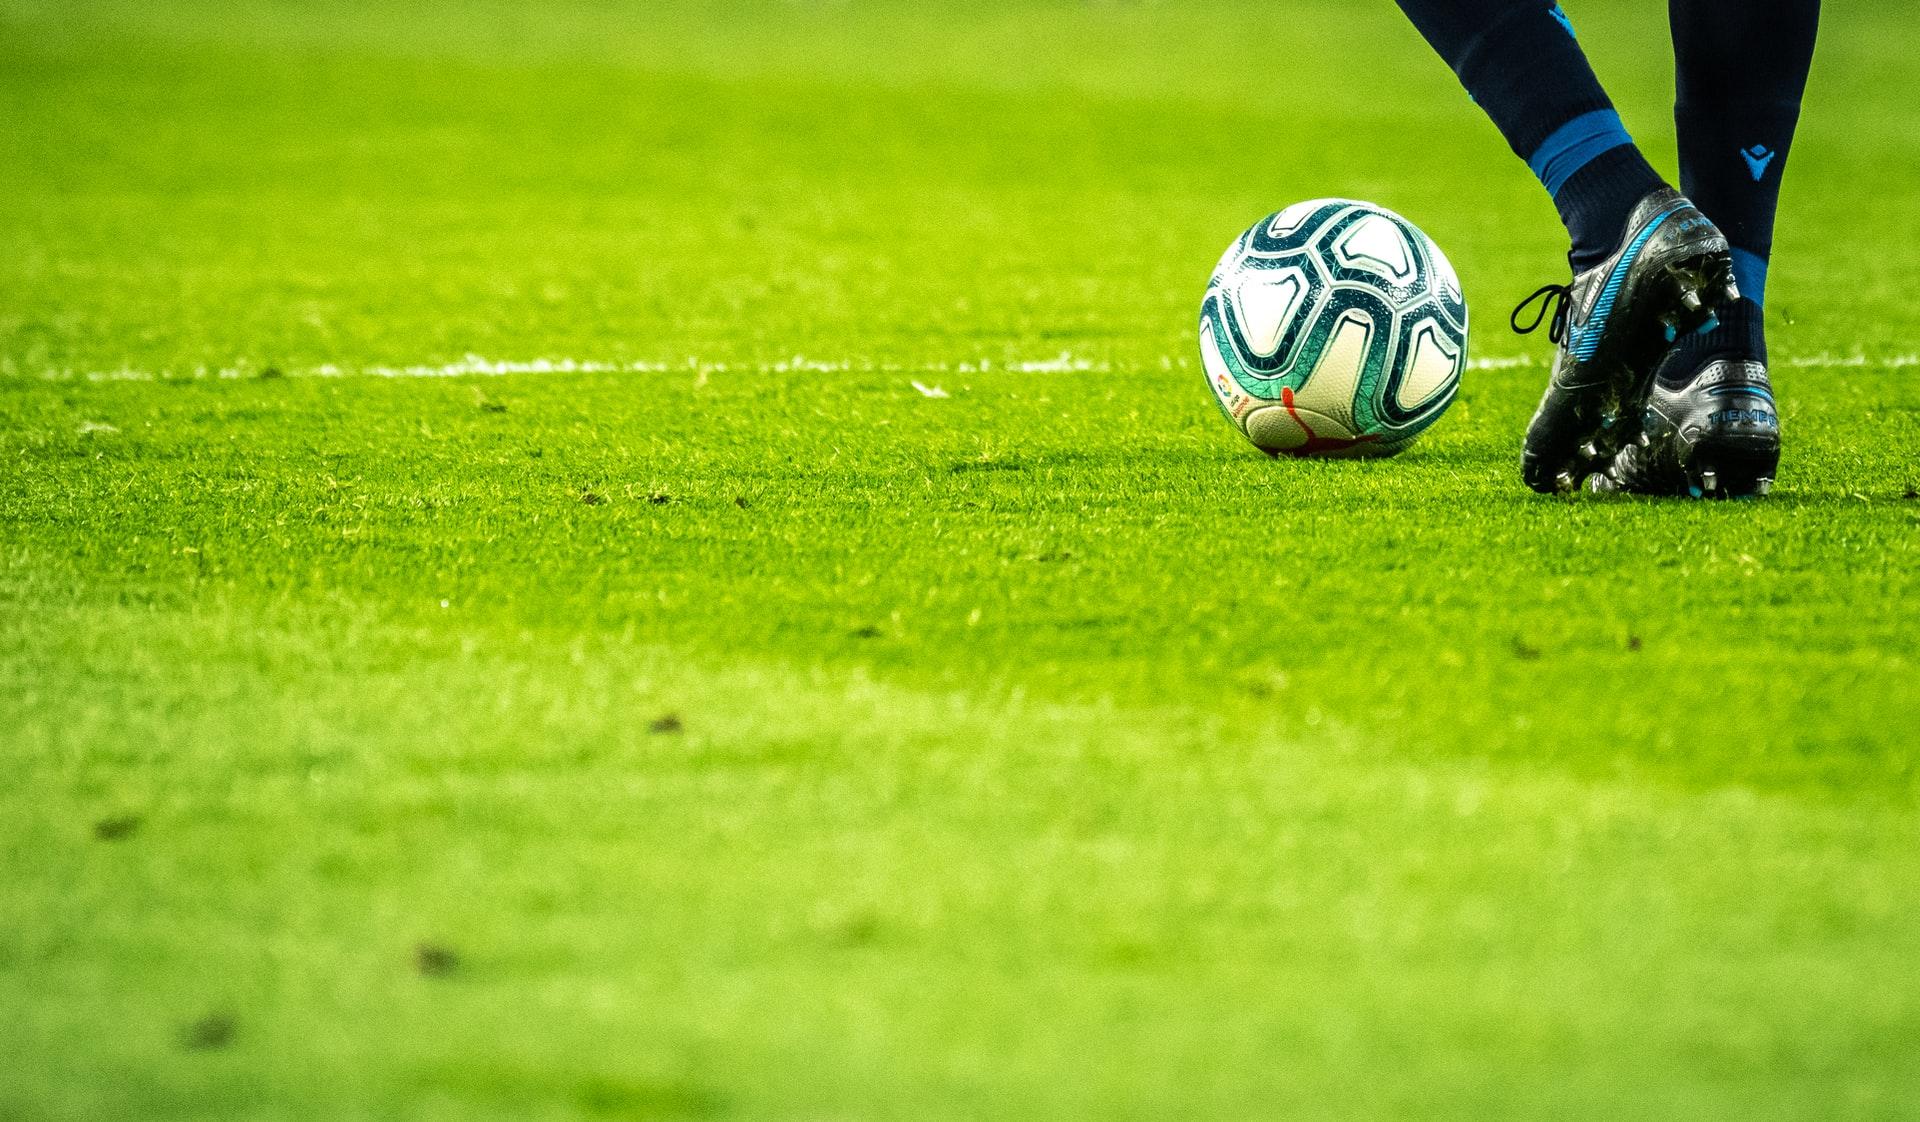 Pressing im Fußball: Gelingt die Taktik, schaltet die Mannschaft um und sucht die Torchance